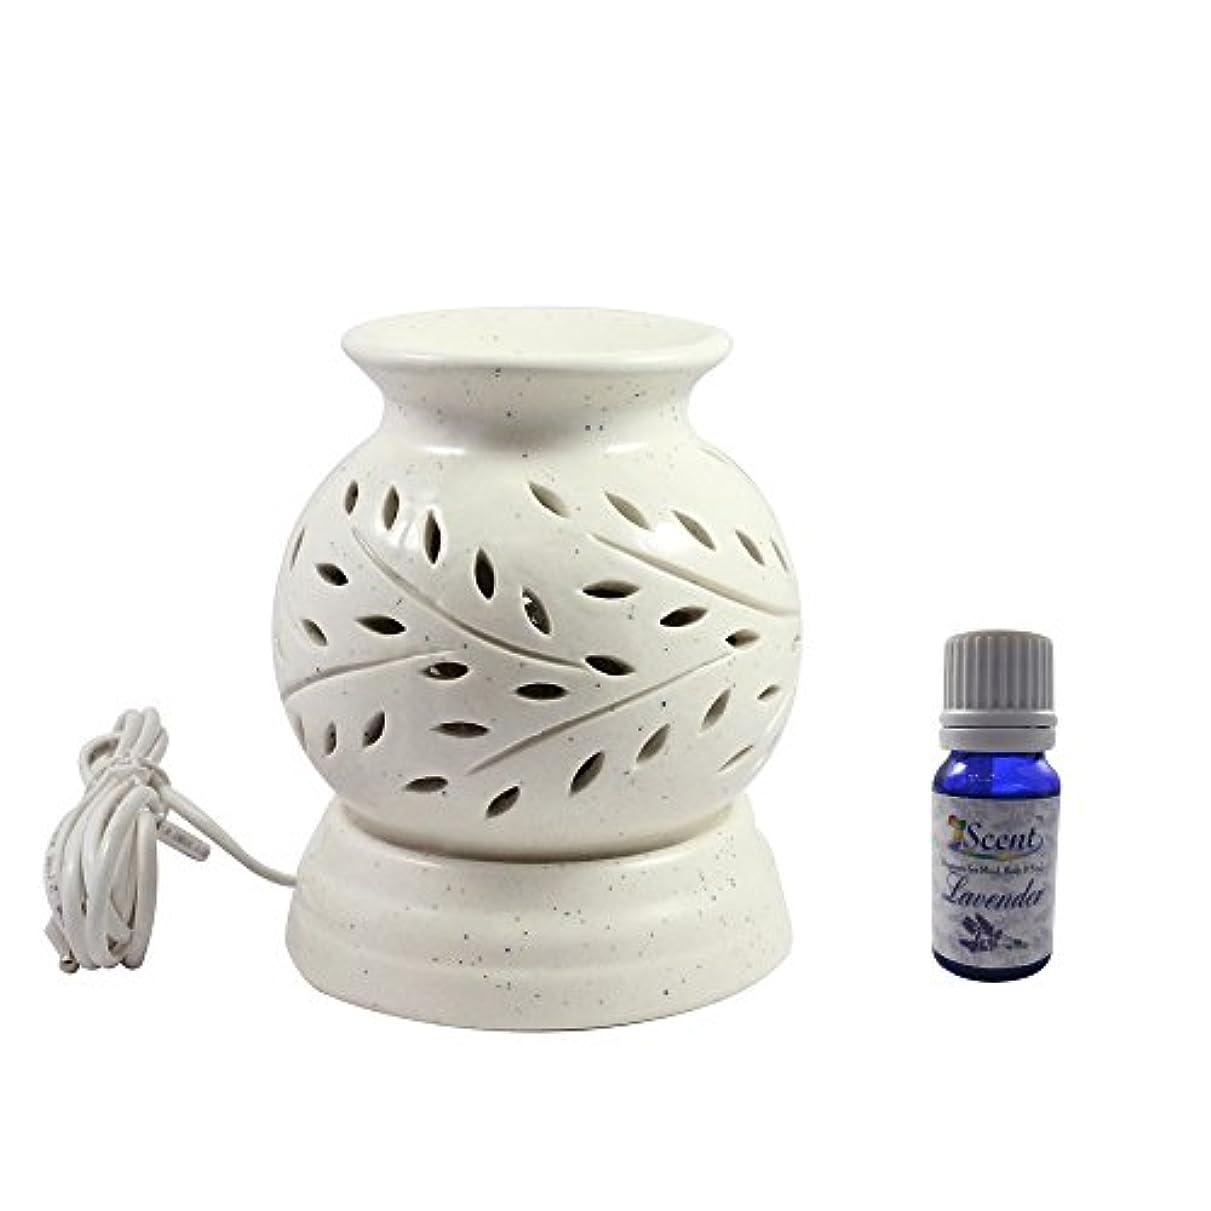 反対した違法保証家庭装飾定期的に使用する汚染されていない手作りセラミックエスニック電気アロマディフューザーオイルバーナージャスミンフレグランスオイル|良質白い色の電気アロマテラピー香油暖かい数量1